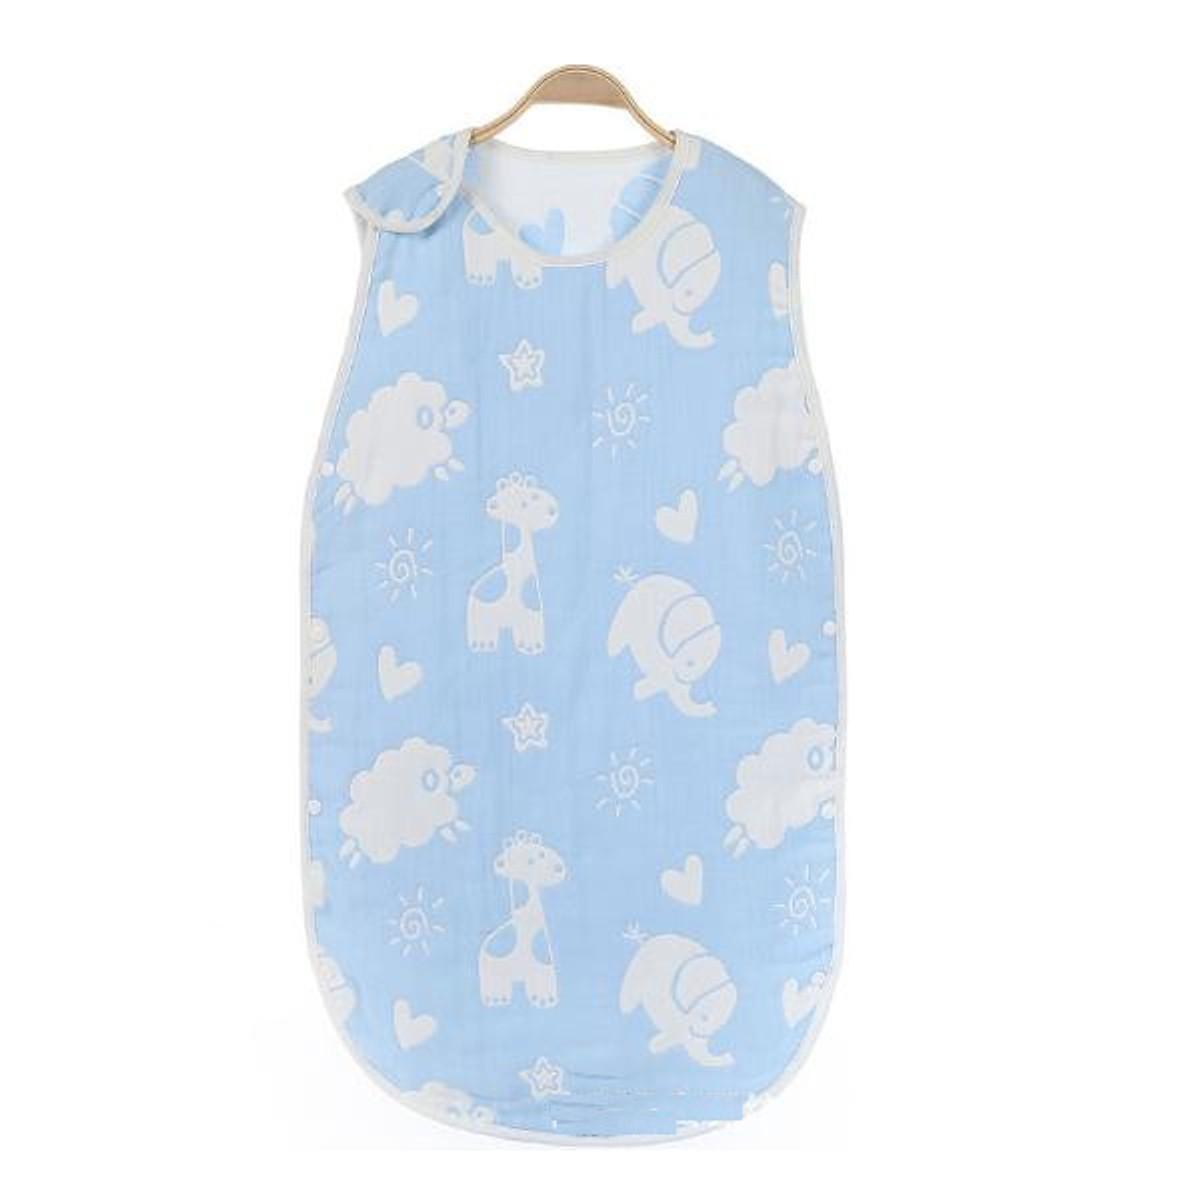 Túi Ngủ dành cho Trẻ sơ sinh , Vải Xô .